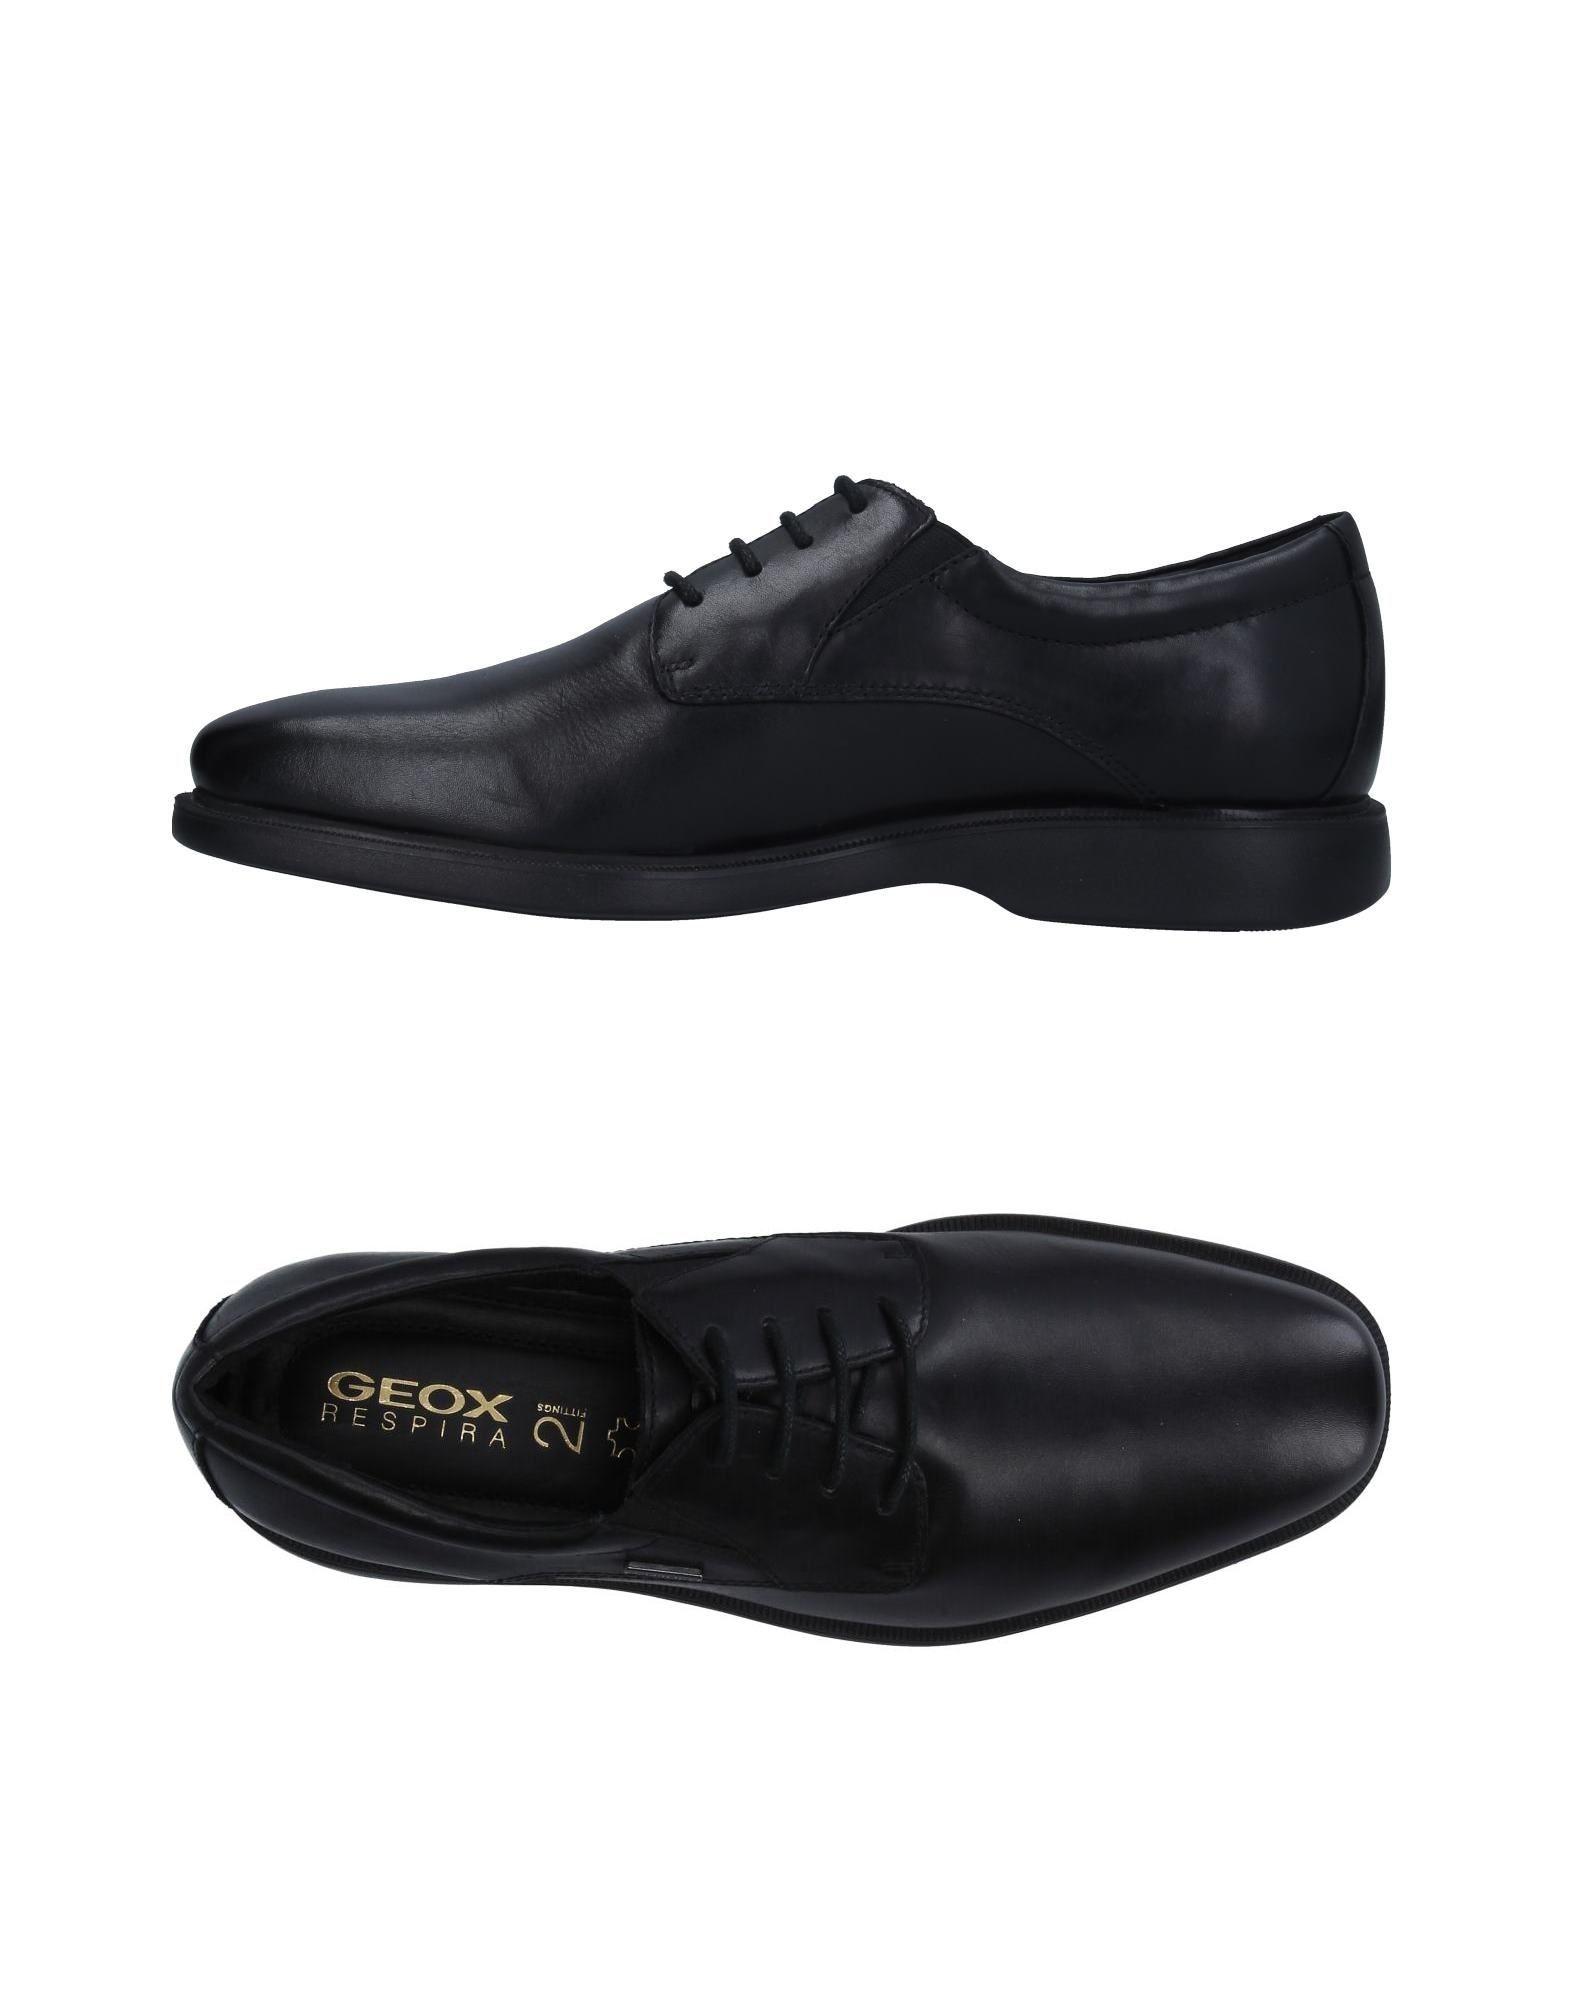 Stivaletti Versace Donna - 11486985QS Scarpe economiche e buone